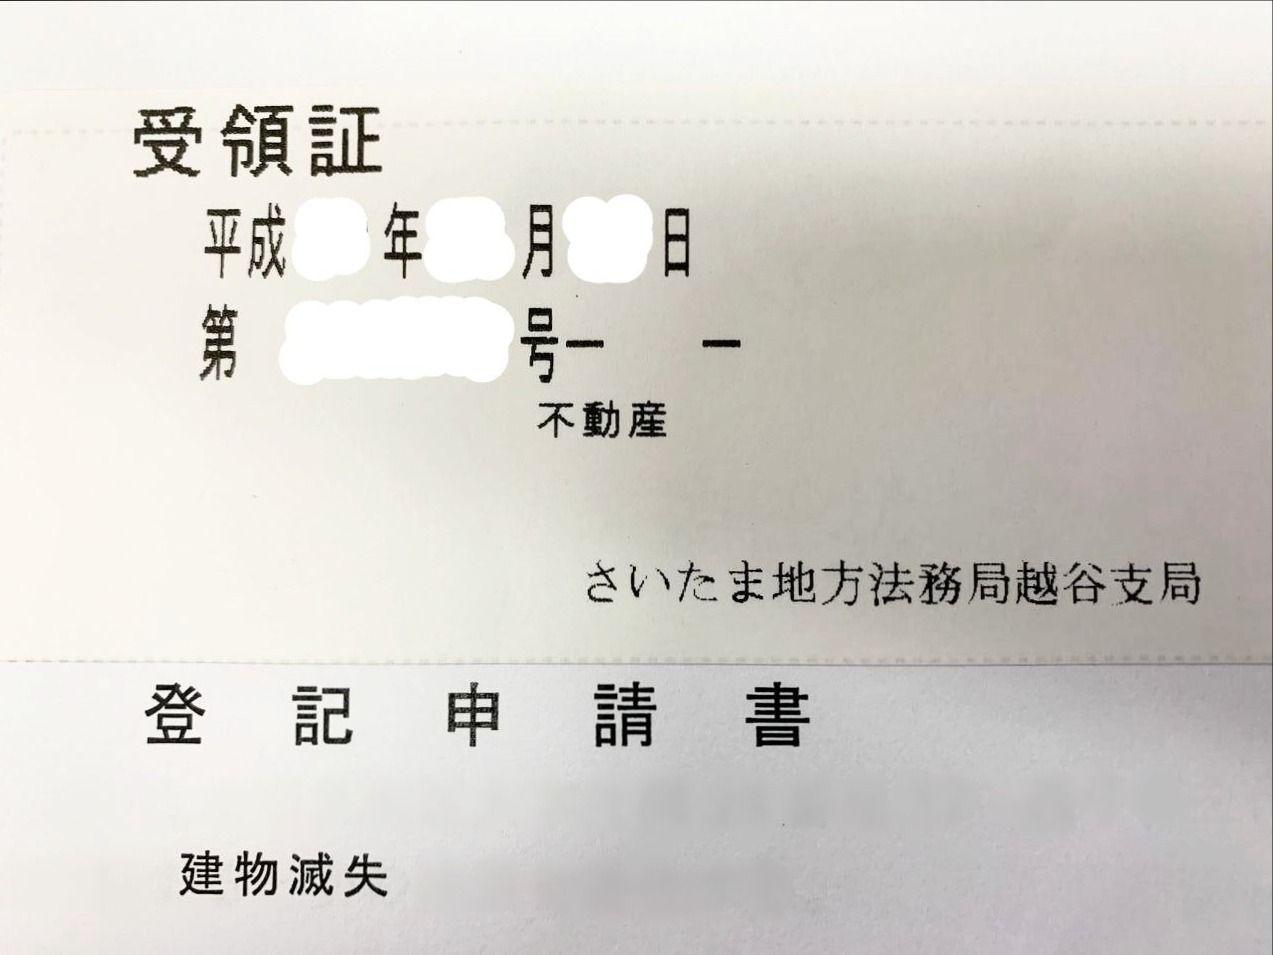 登記申請時に交付される建物の滅失登記の受領証です。